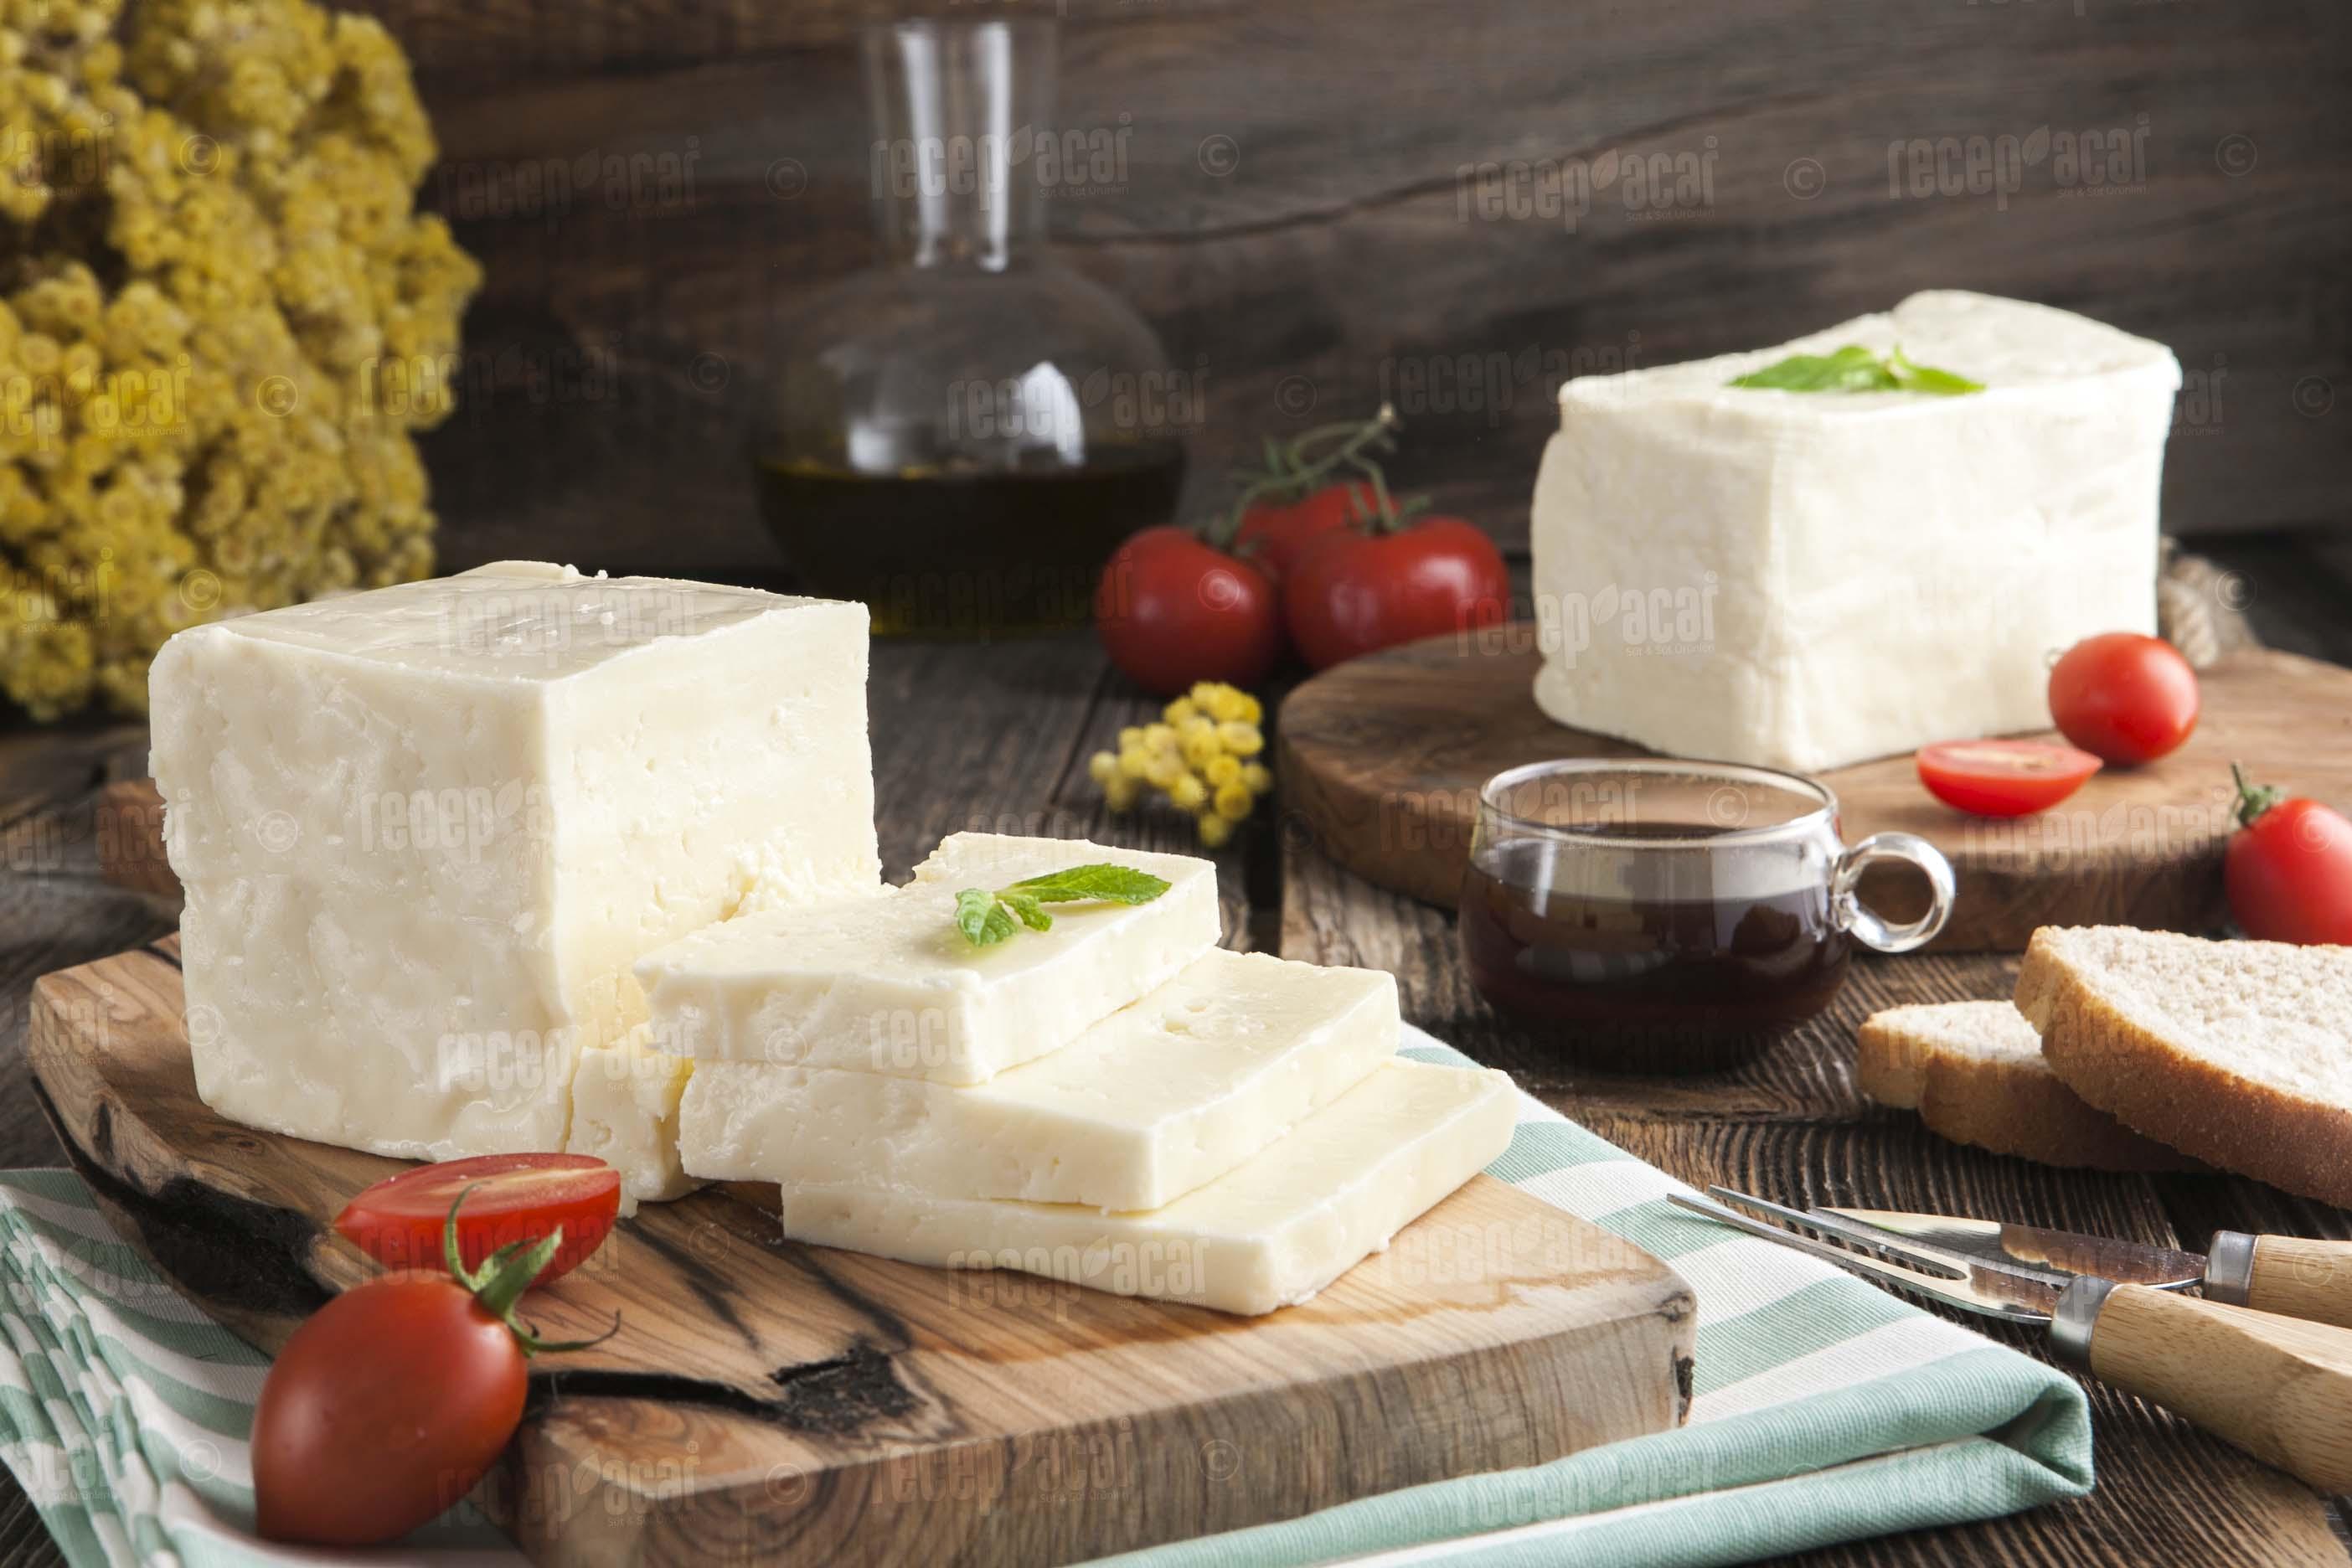 Saðlýklý Kahvaltý Ýçin Organik Peynir